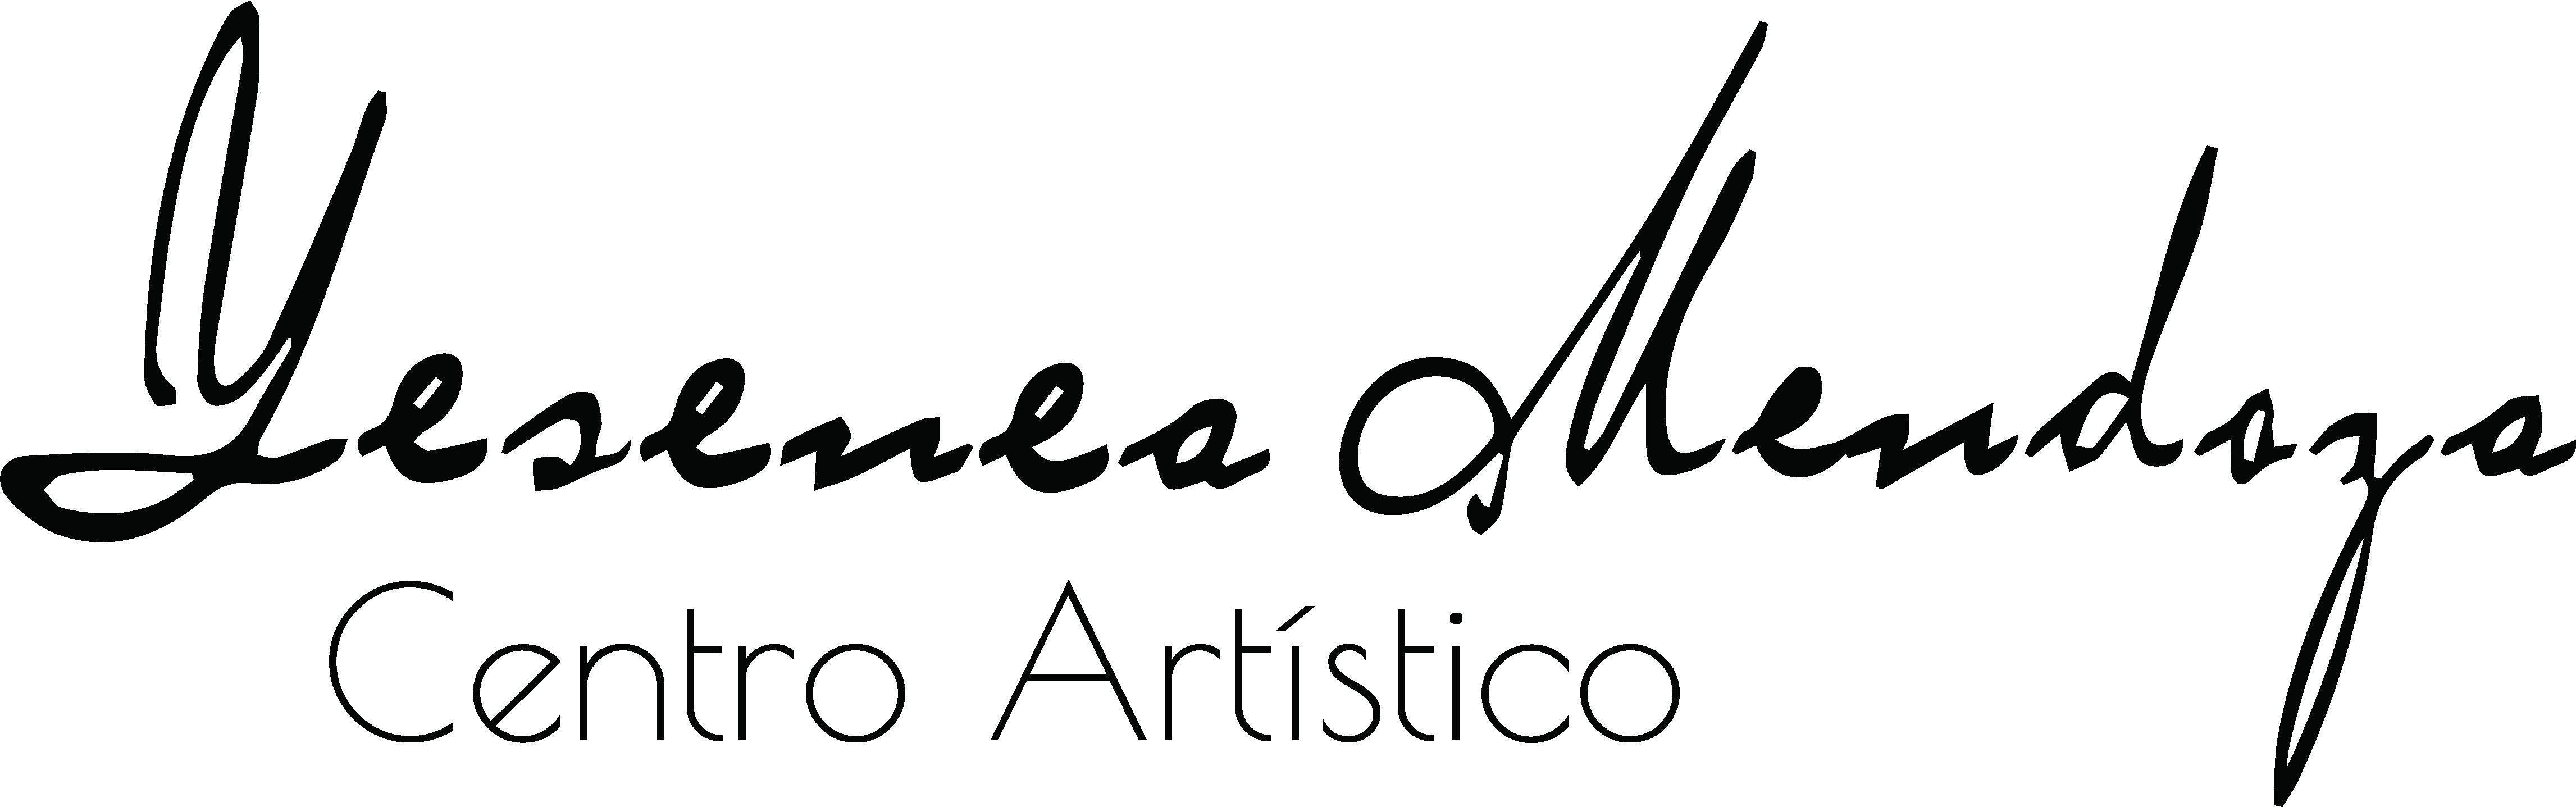 Yesenea Mendoza